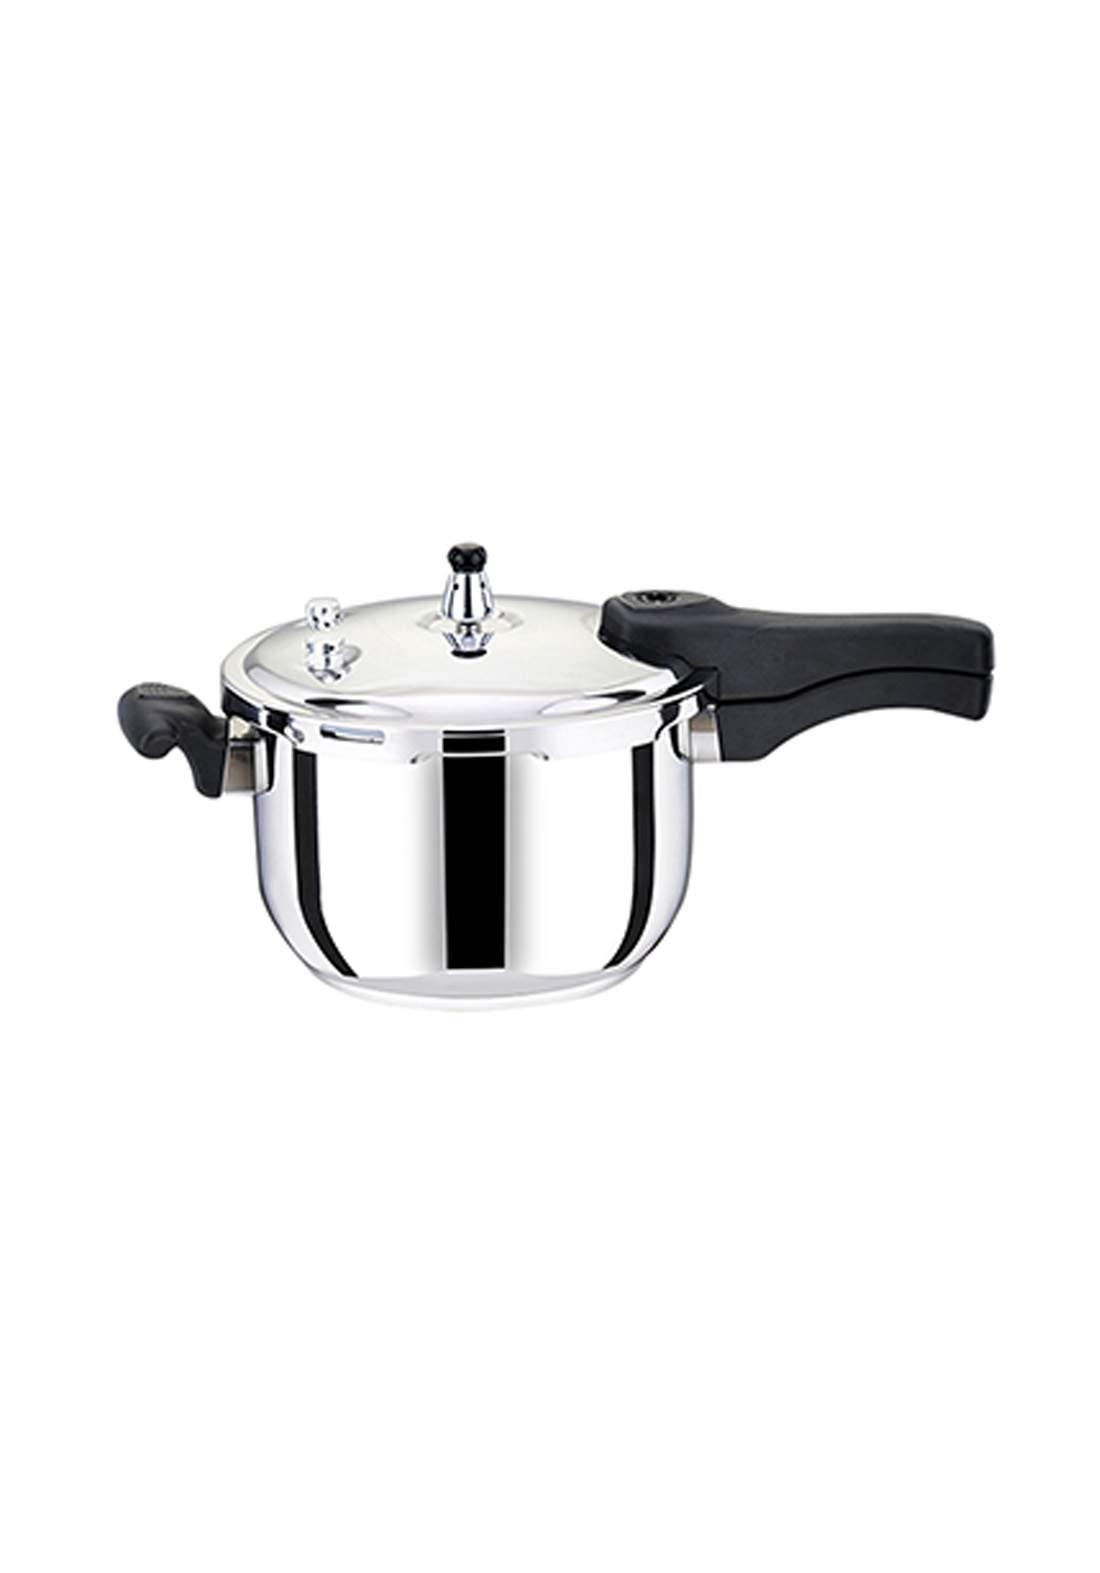 Delmonti  DL1020.9L  Pressure cooker 9L قدر ضغط